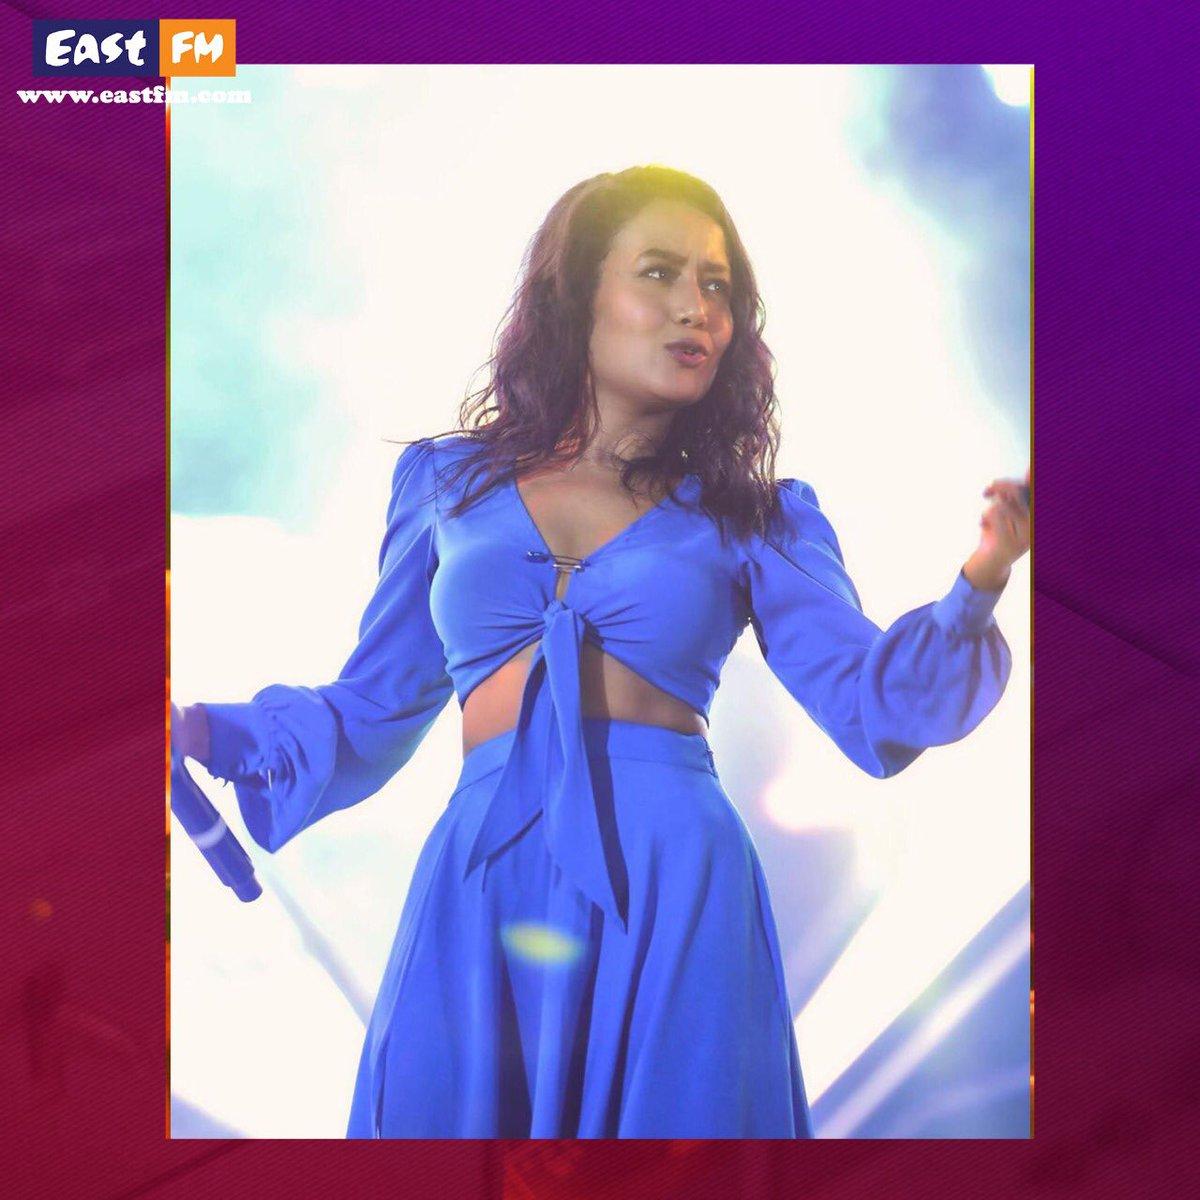 #NehaKakkarLive In Concert #MajorMissing. @themediatronic @amitaptephotography @nehakakkar #EastFm #EastFmKenya #RadioAfricapic.twitter.com/8kI8656s27